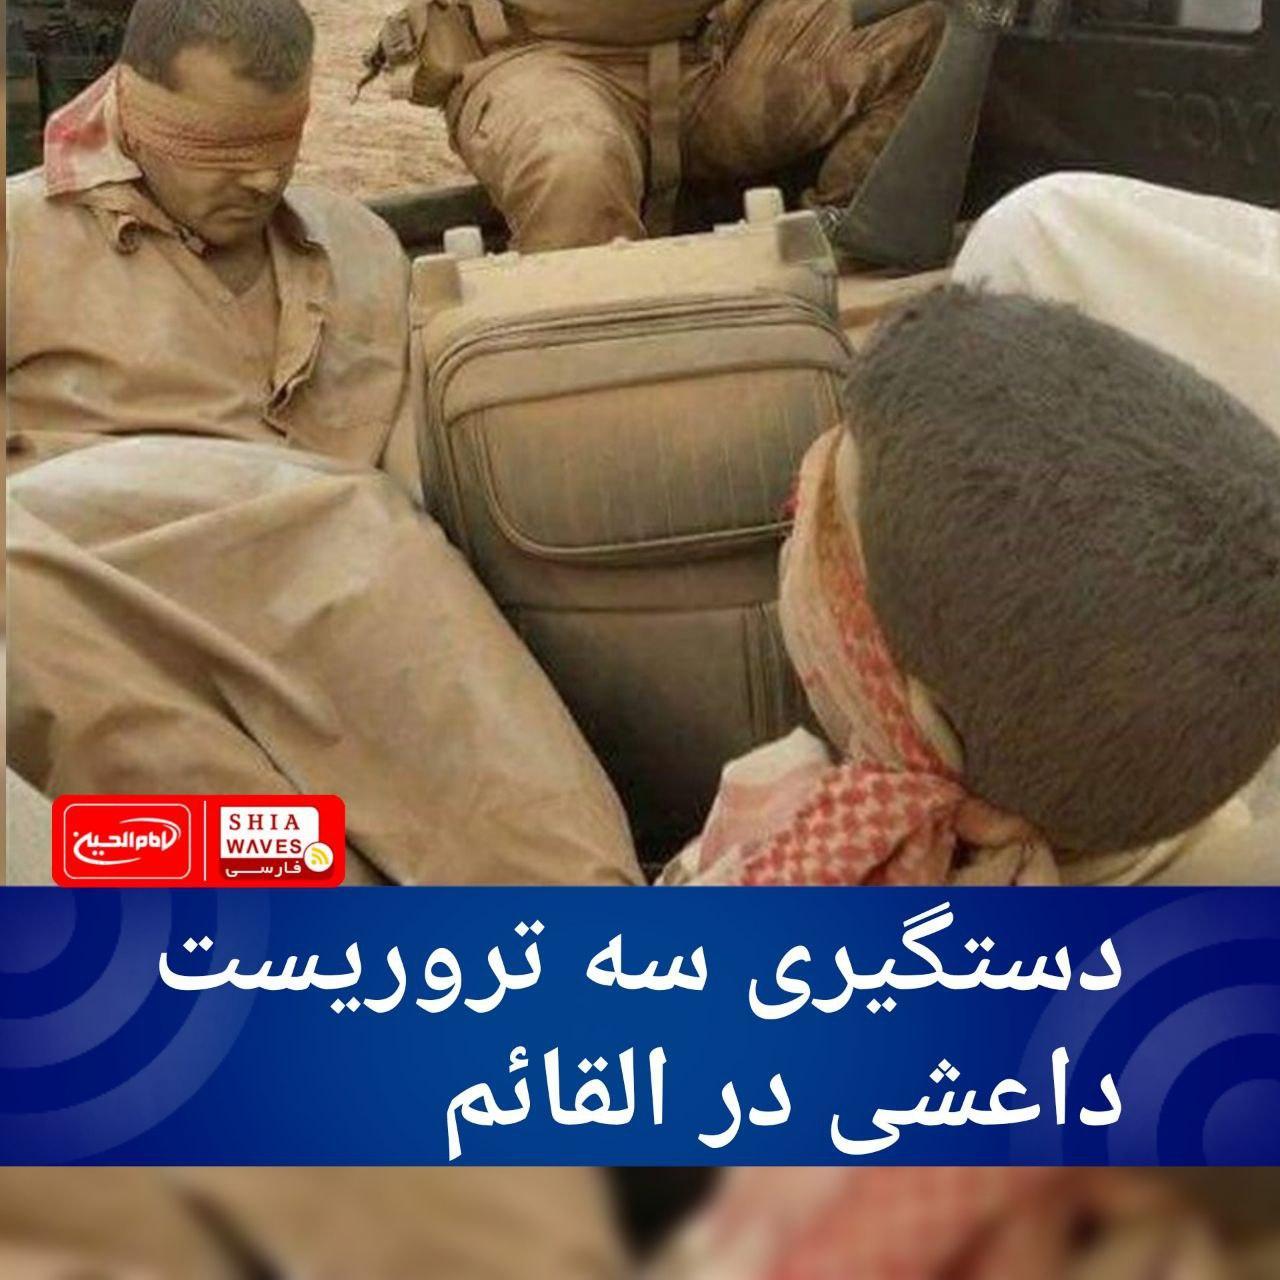 تصویر دستگیری سه تروریست داعشی در القائم